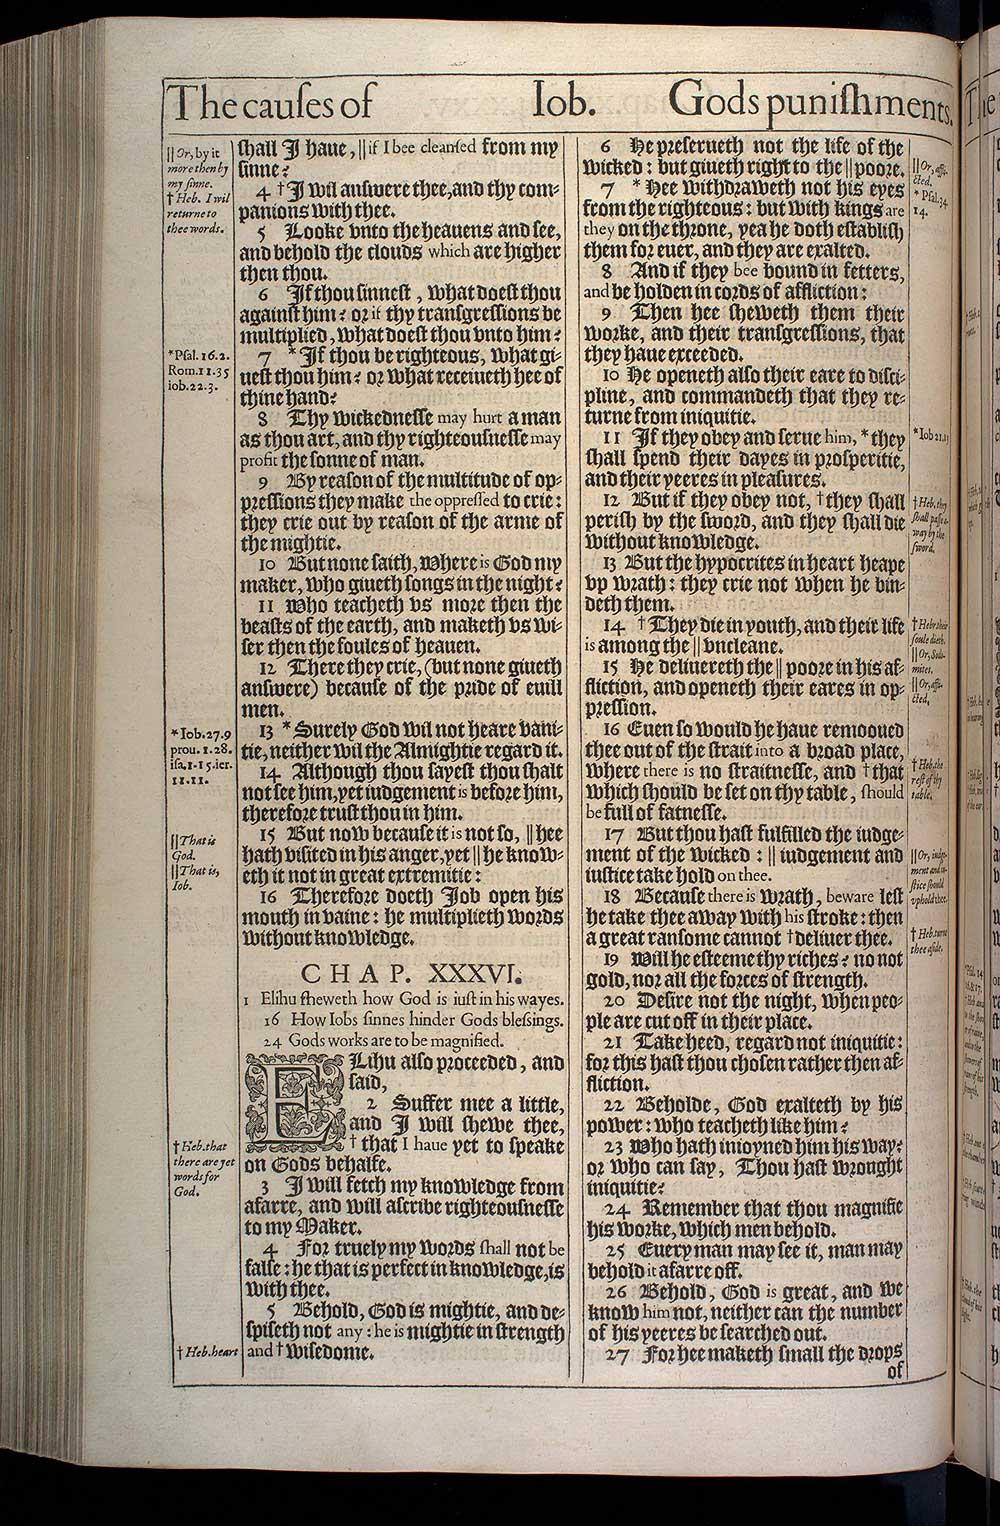 Job Chapter 36 Original 1611 Bible Scan